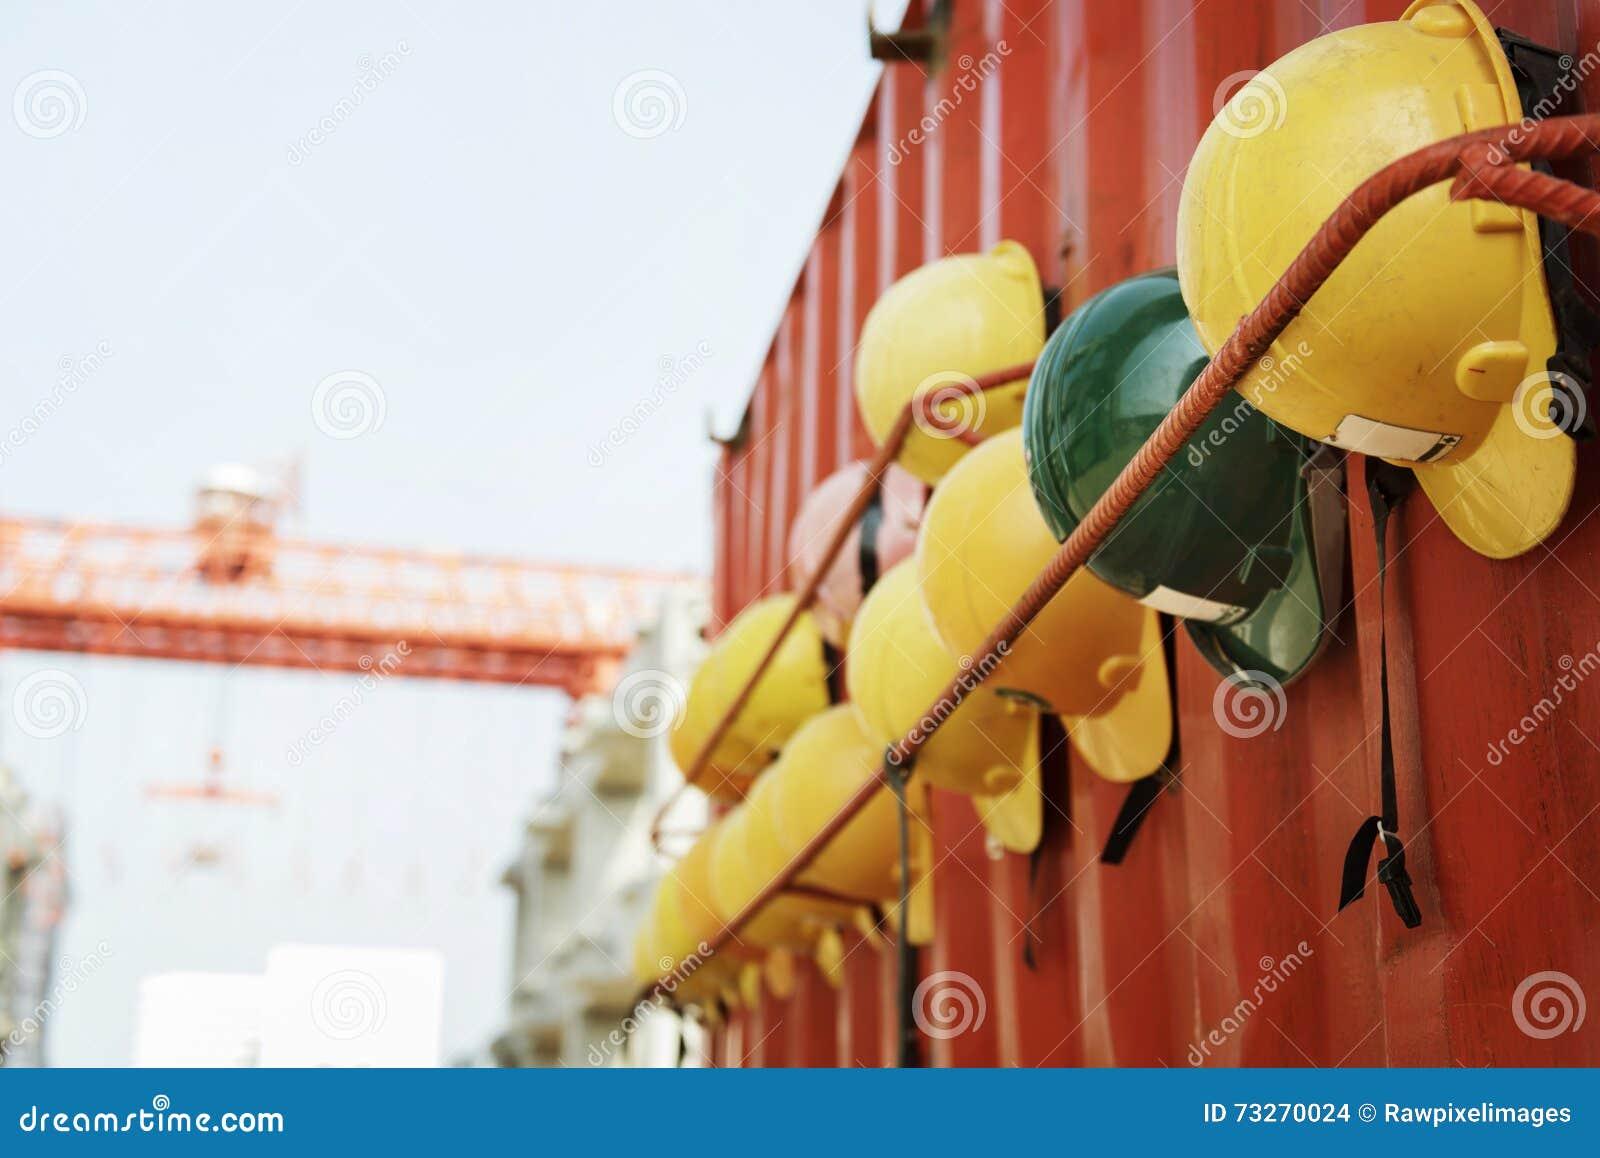 Arquitecto Plan Construction Concept de la seguridad del casco del casco de protección